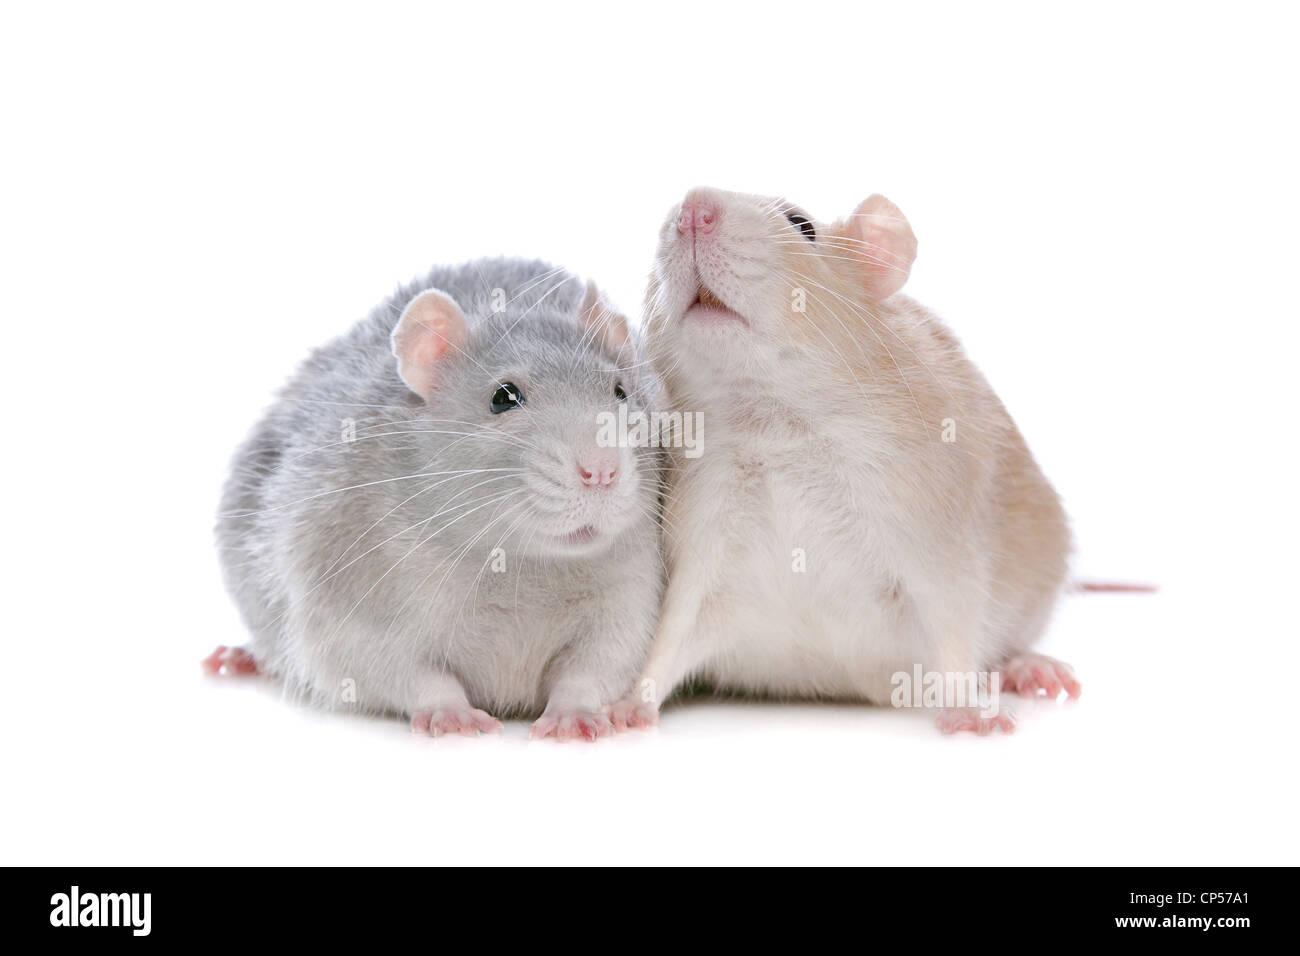 zwei Ratten vor einem weißen Hintergrund Stockbild